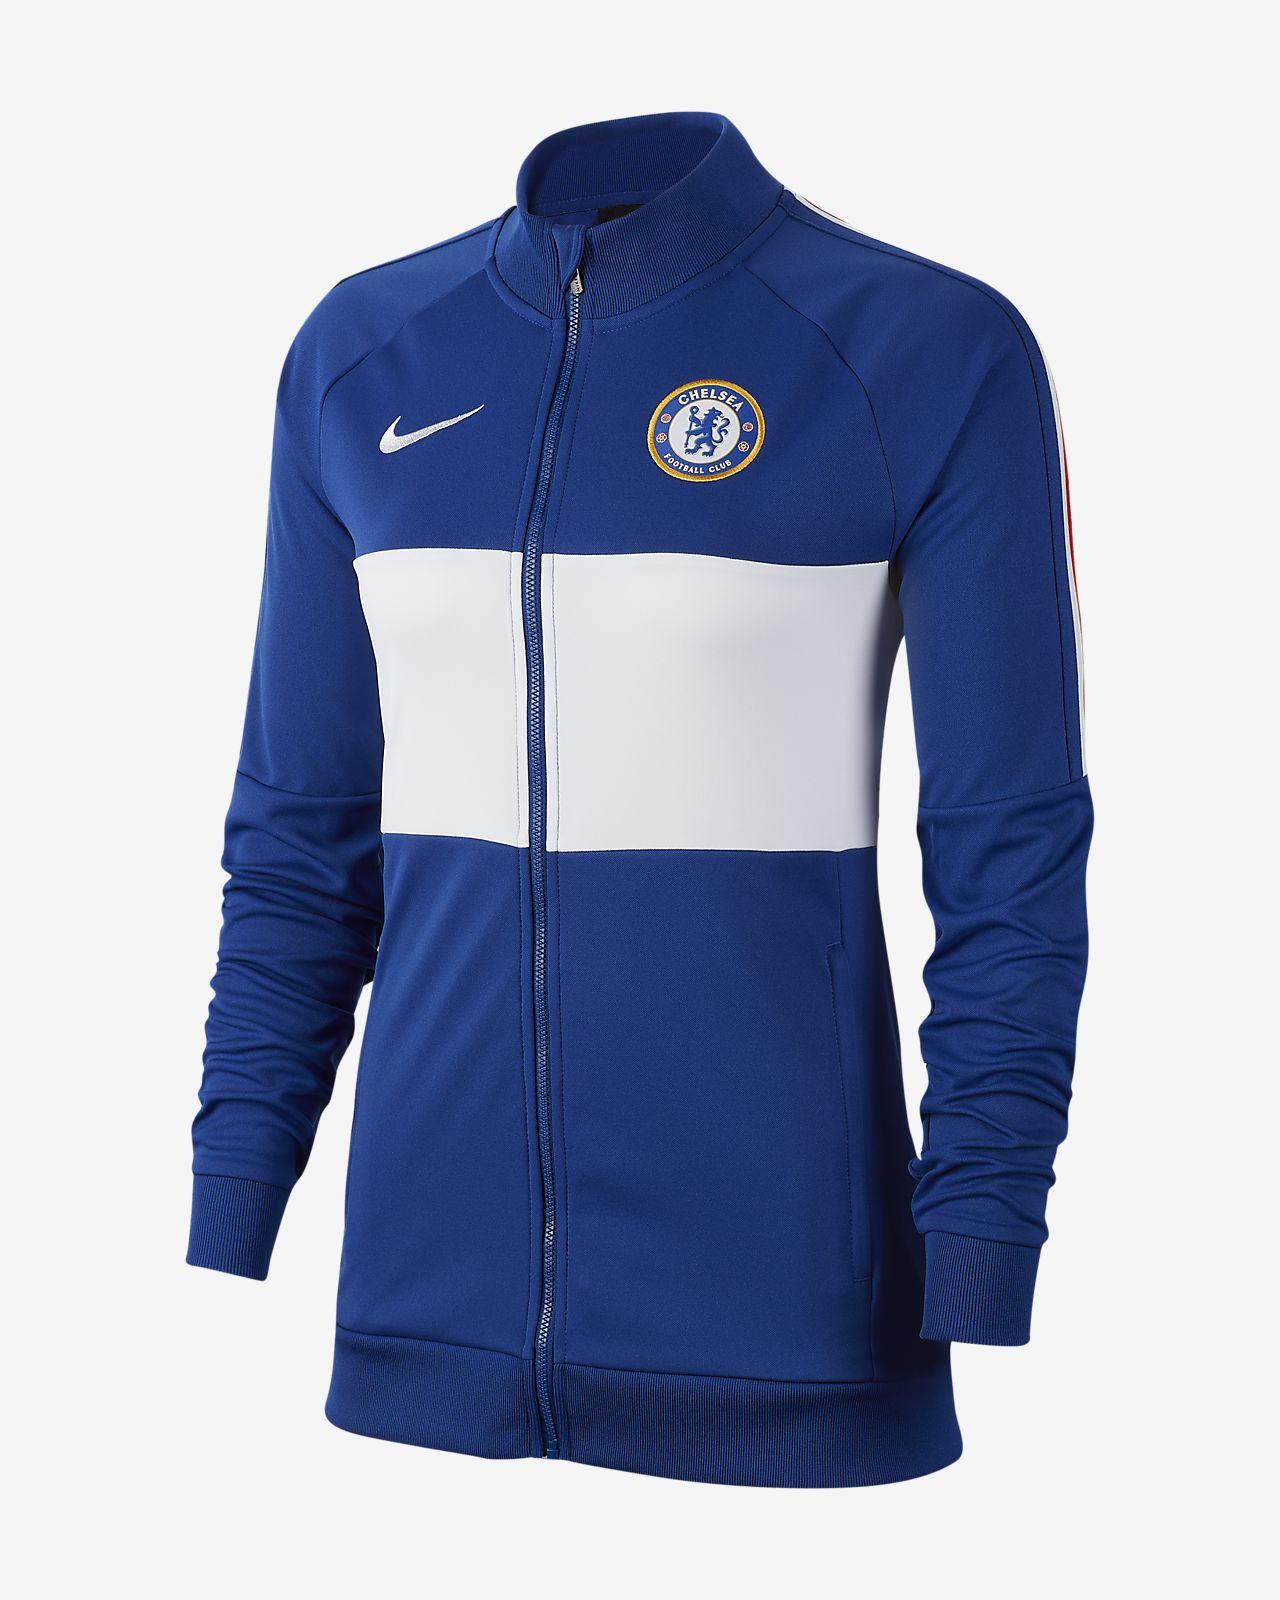 Chelsea FC Women's Jacket